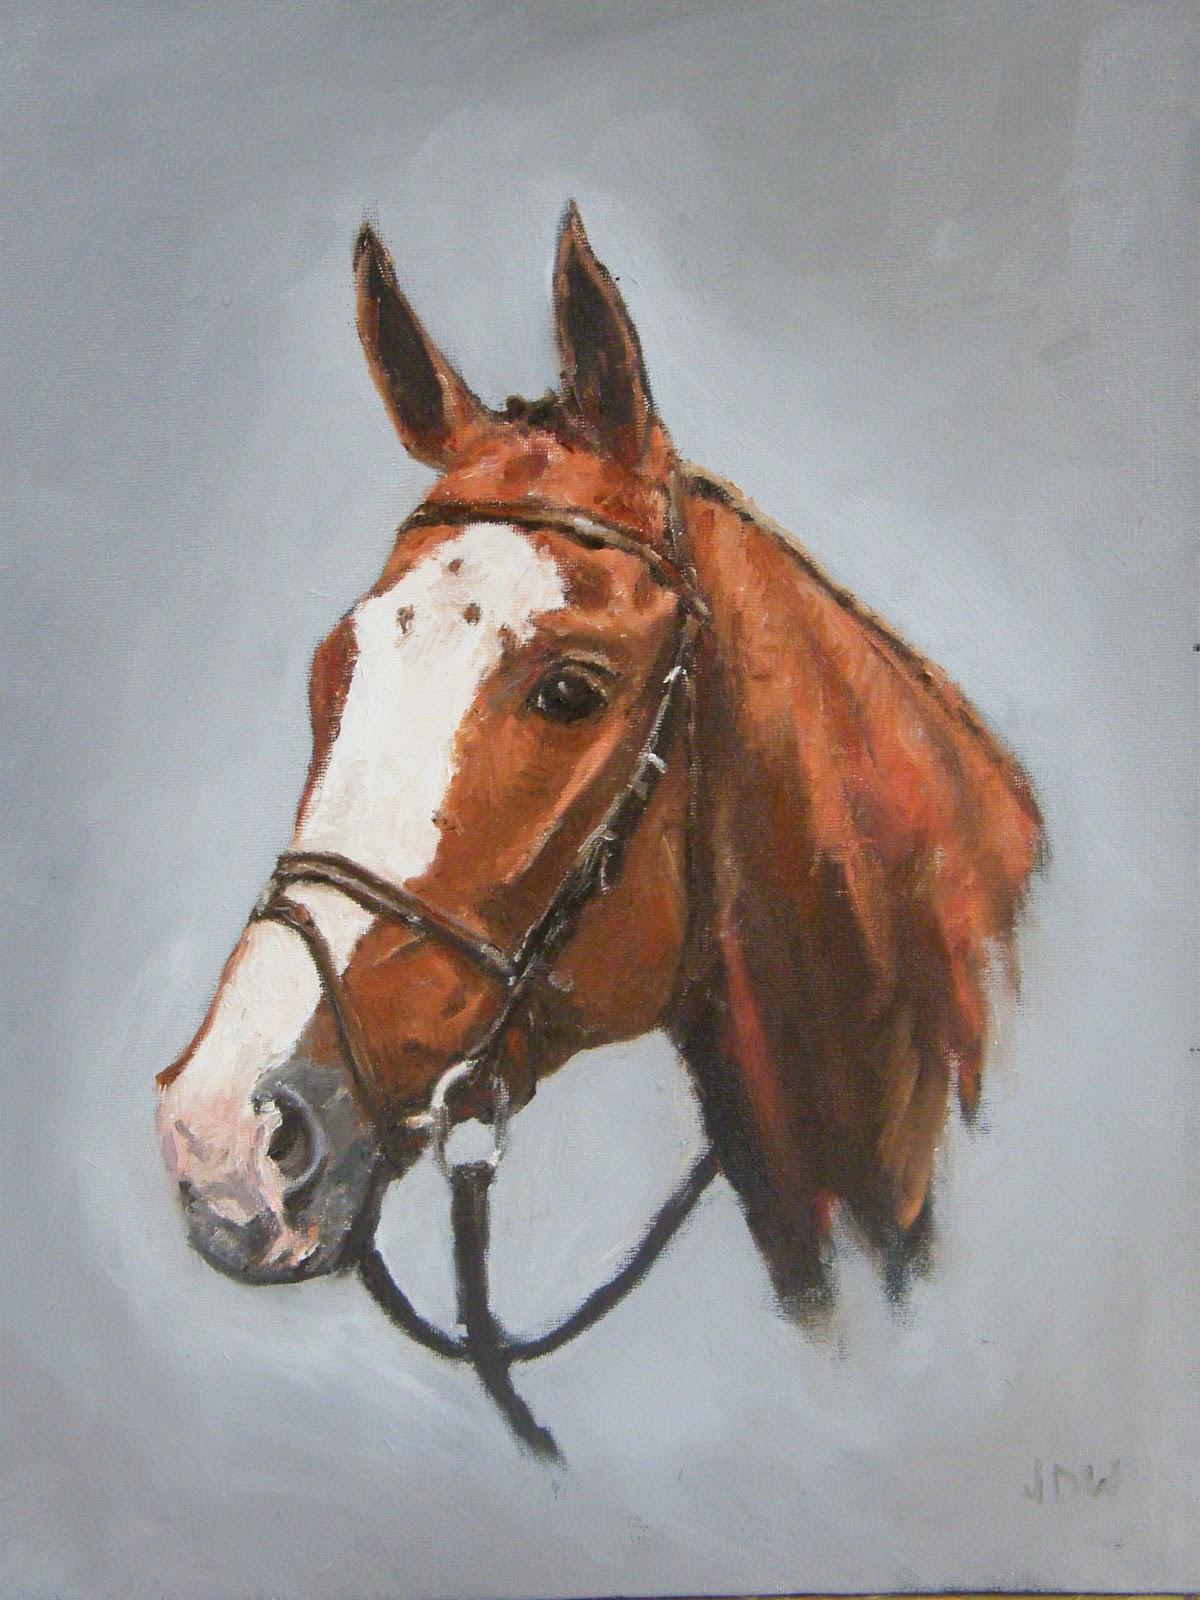 Horse Head Oil Paintings - 309.1KB